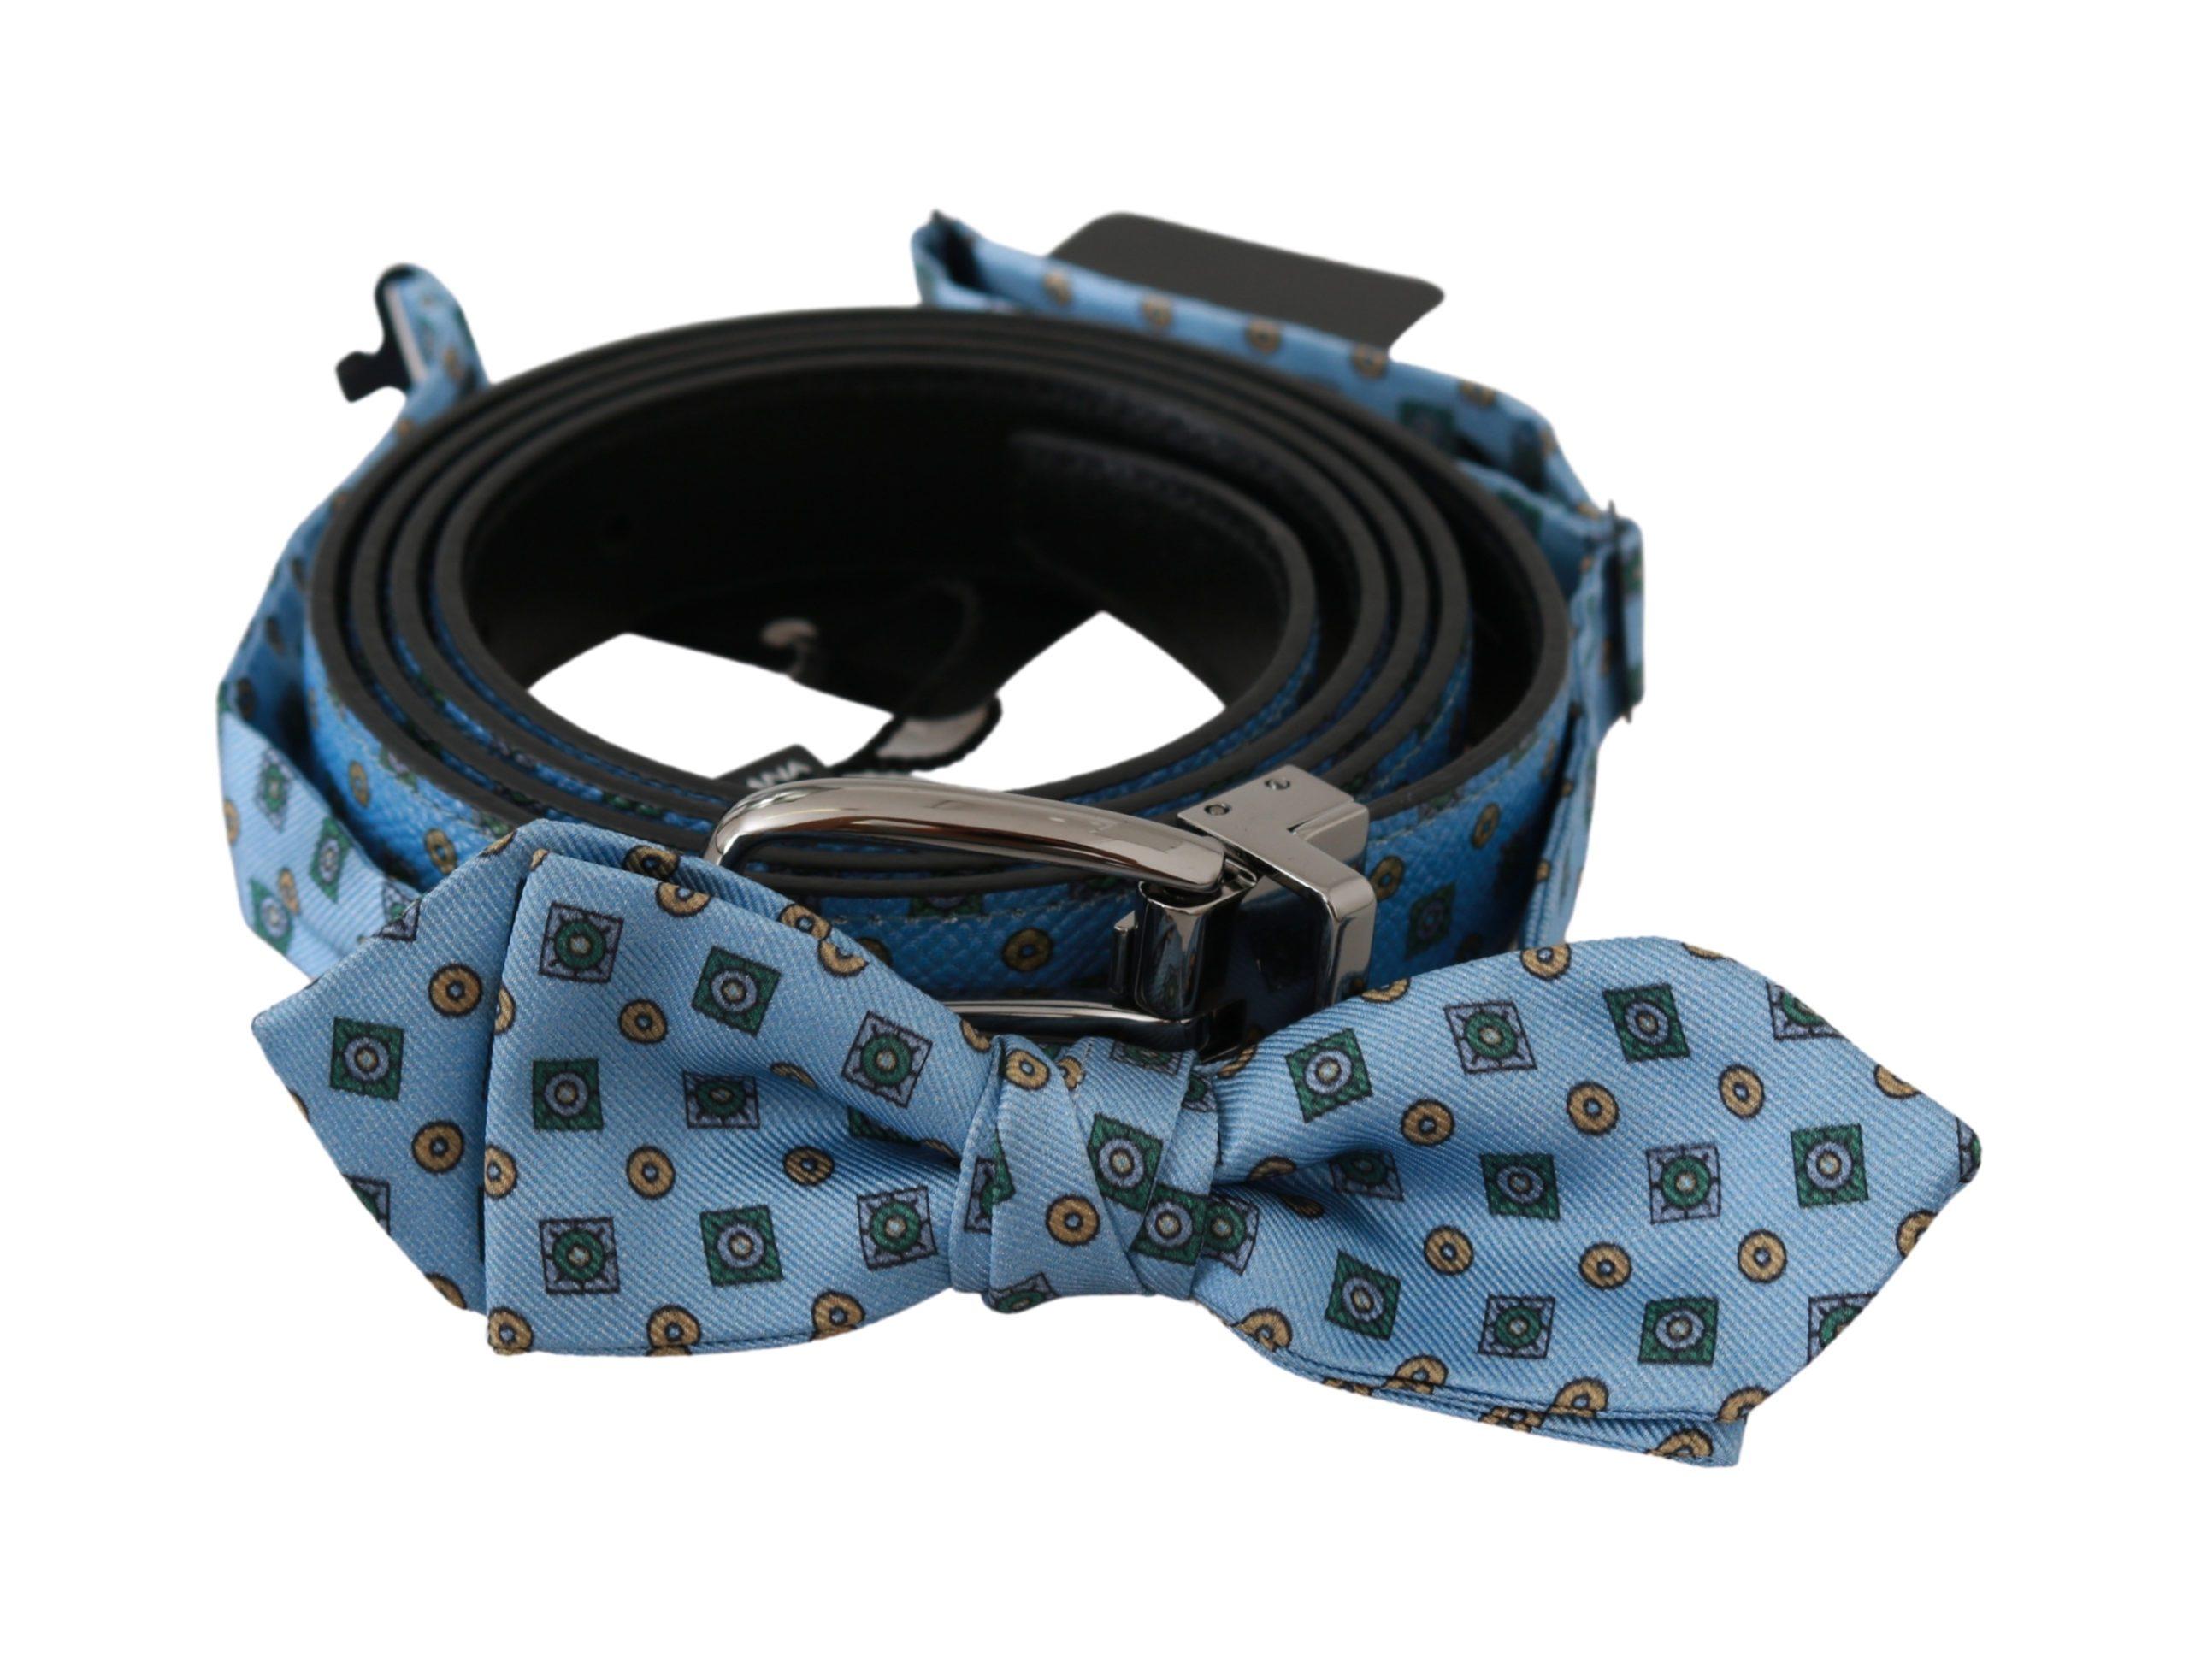 Dolce & Gabbana Men's Waist Leather Tie Silk Belt Blue BEL60542 - 115 cm / 46 Inches